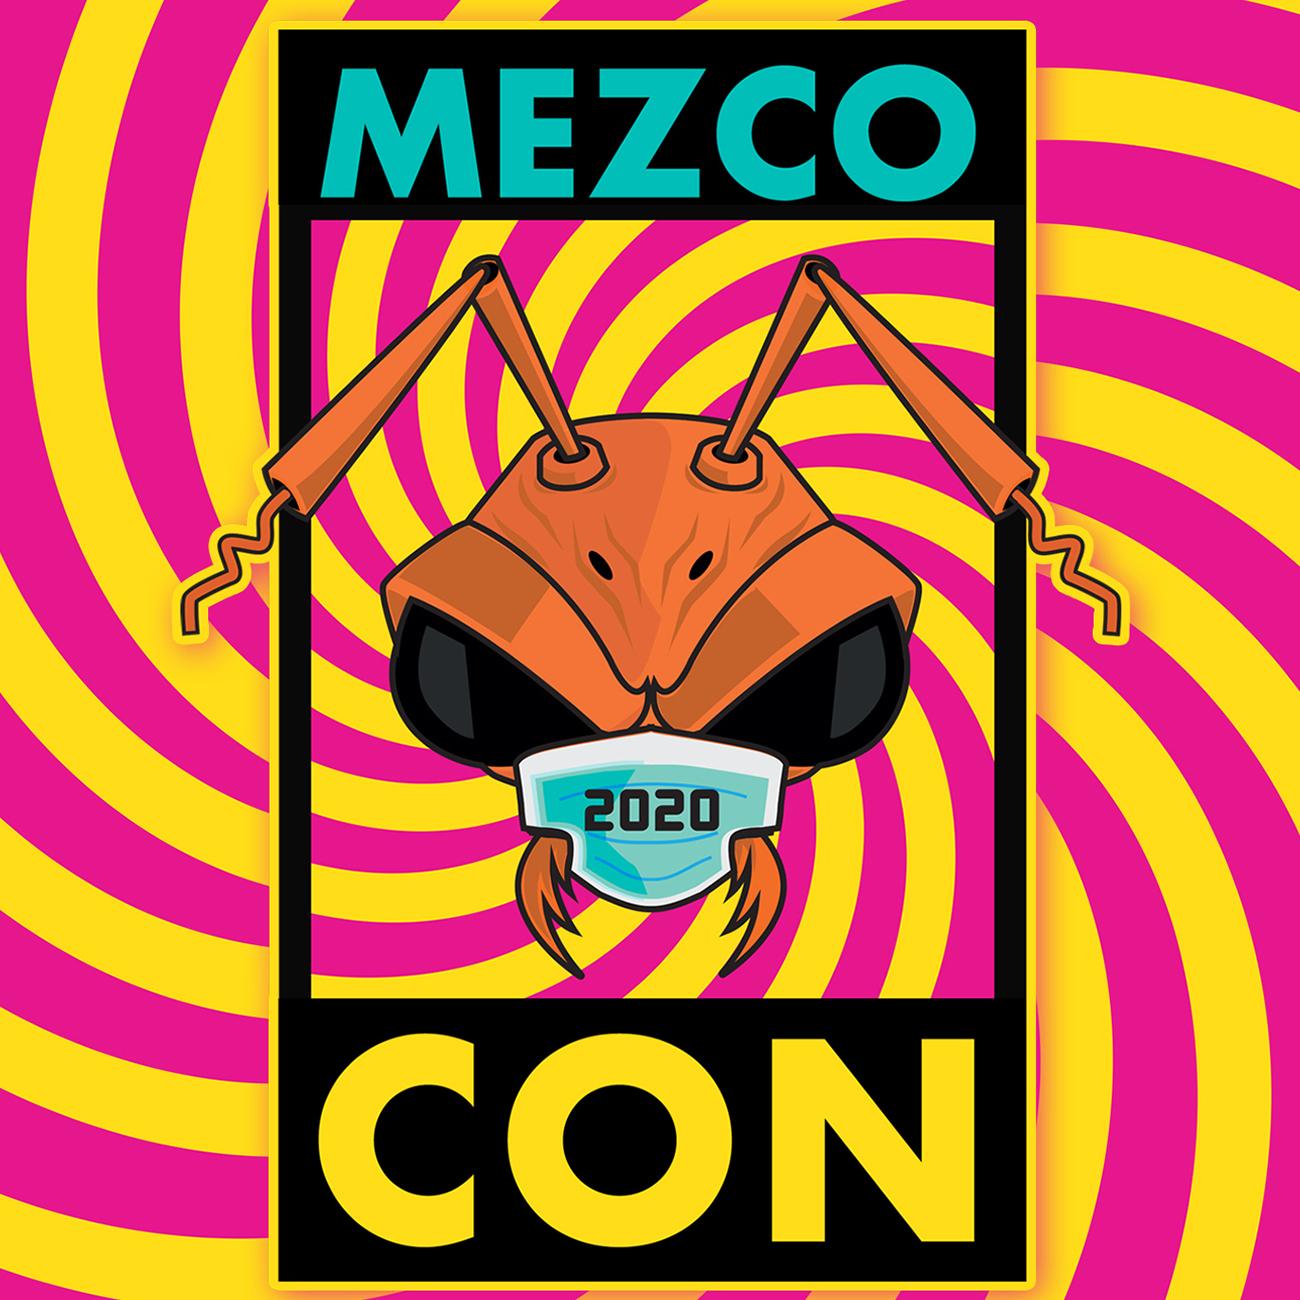 Mezco Con 2020